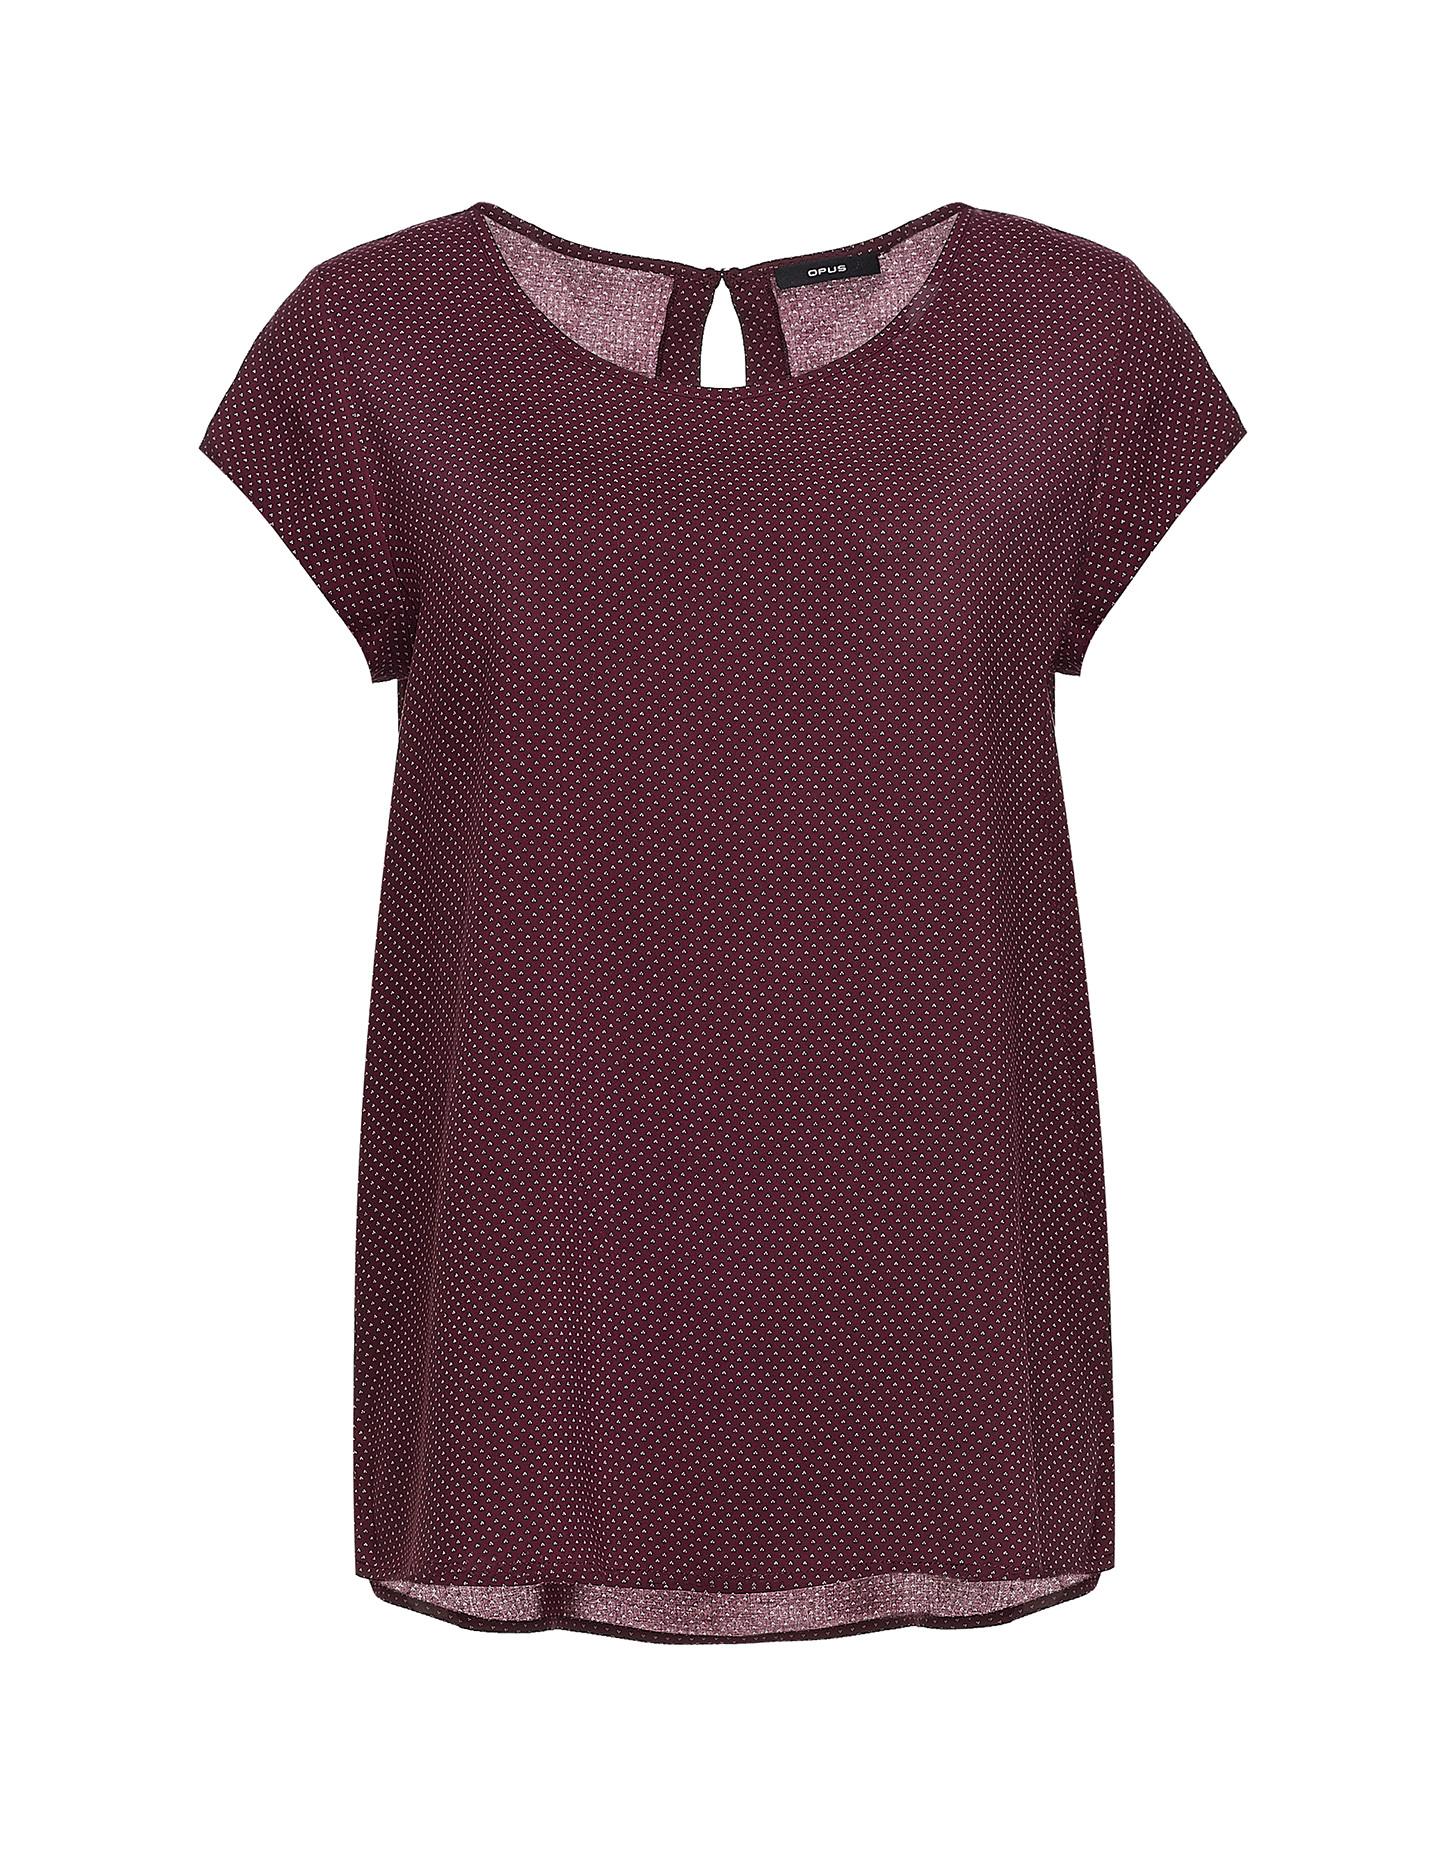 Shirtbluse Fjelmi spotted HS OPUS Geniue Händler Zum Verkauf Günstiger Preis Versandkosten Für Freies Verschiffen Online-Shopping Rabatt hEDbD43